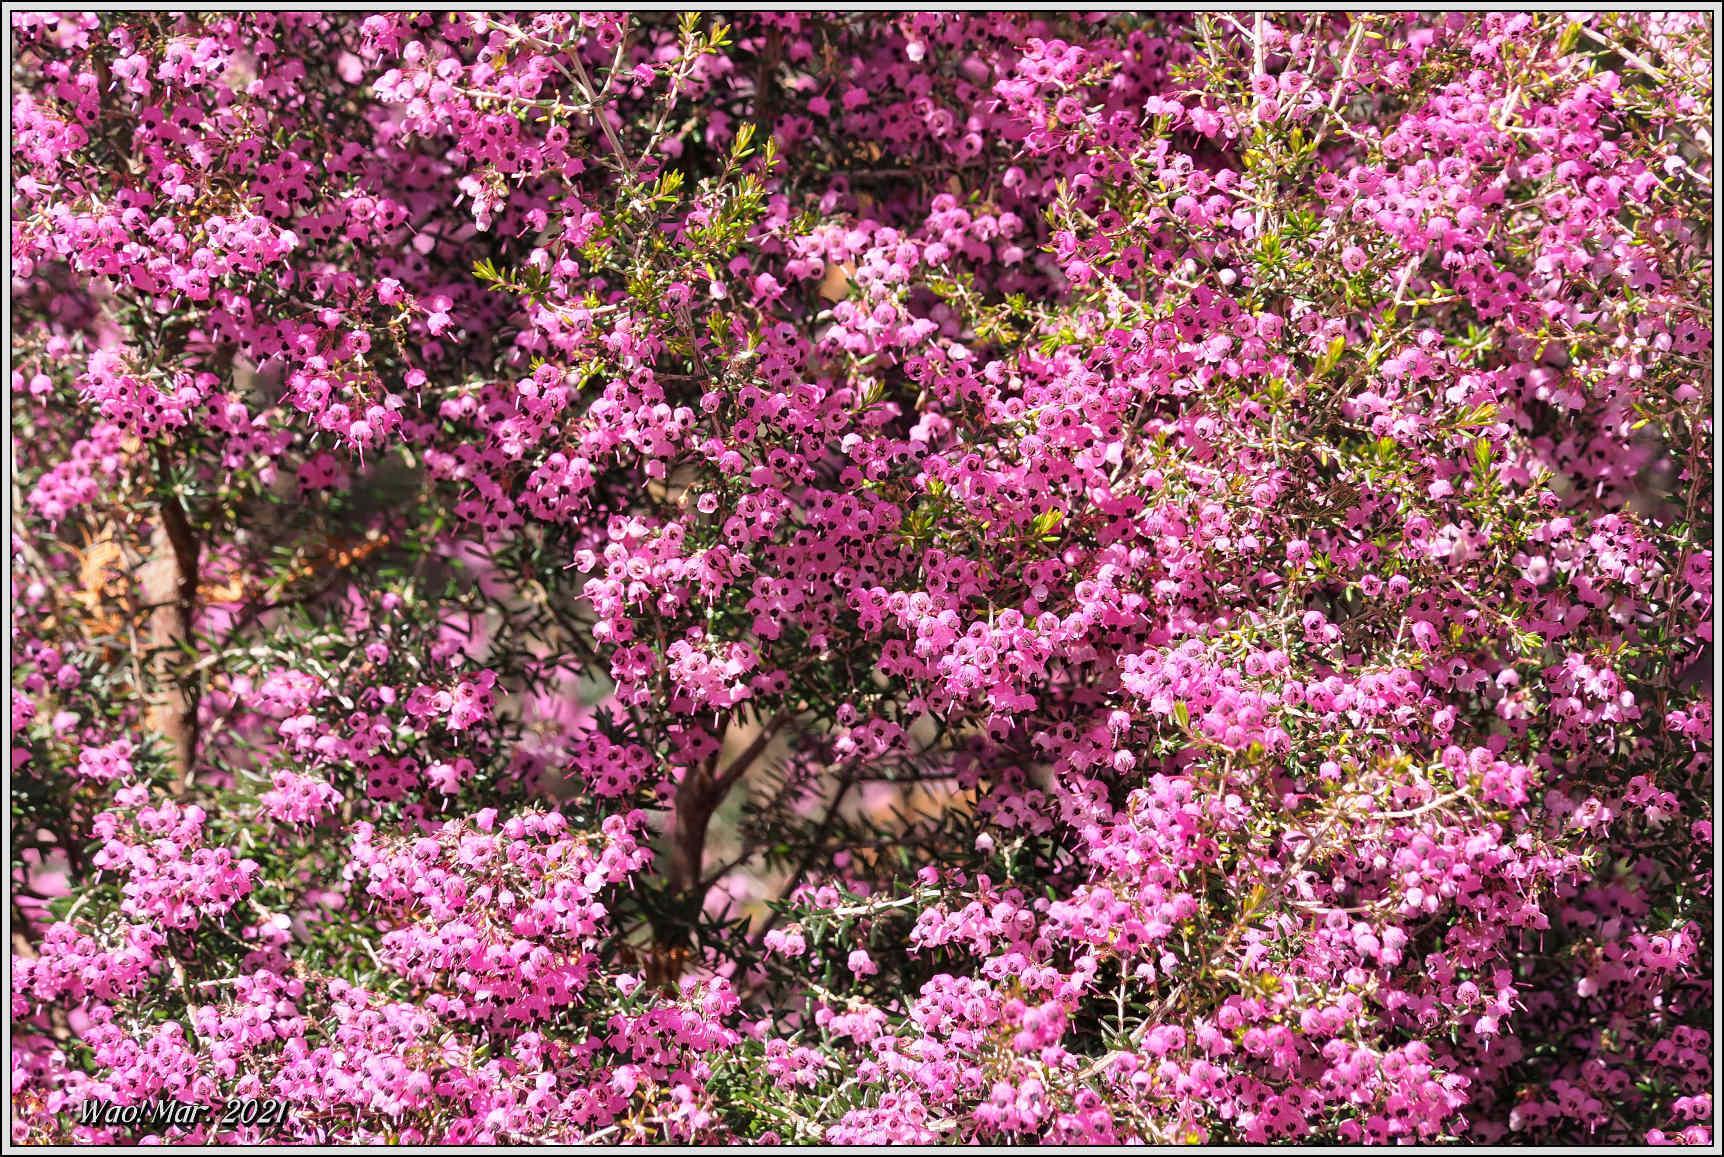 黄金色のサンシュユとピンクのジャノメエリカ_c0198669_18052091.jpg